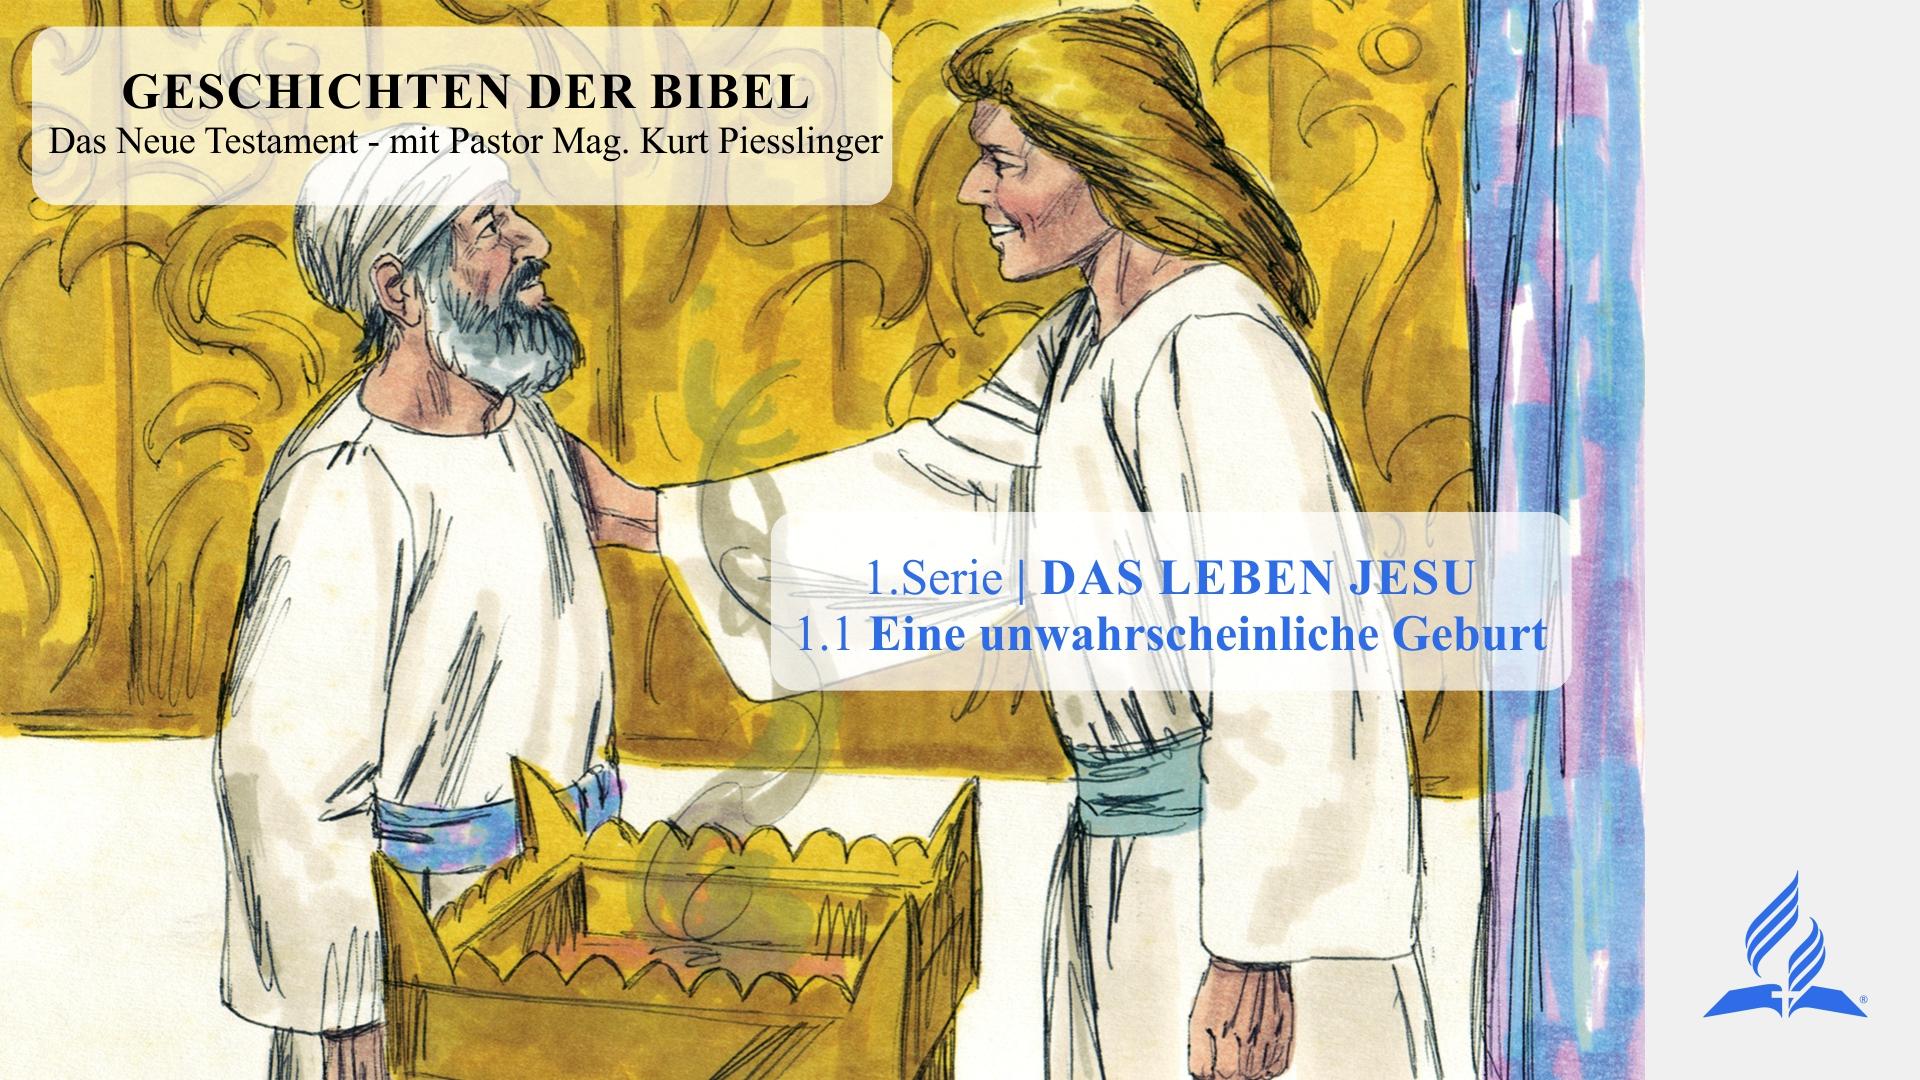 GESCHICHTEN DER BIBEL: 1.1 Eine unwahrscheinliche Geburt – 1.DAS LEBEN JESU | Pastor Mag. Kurt Piesslinger